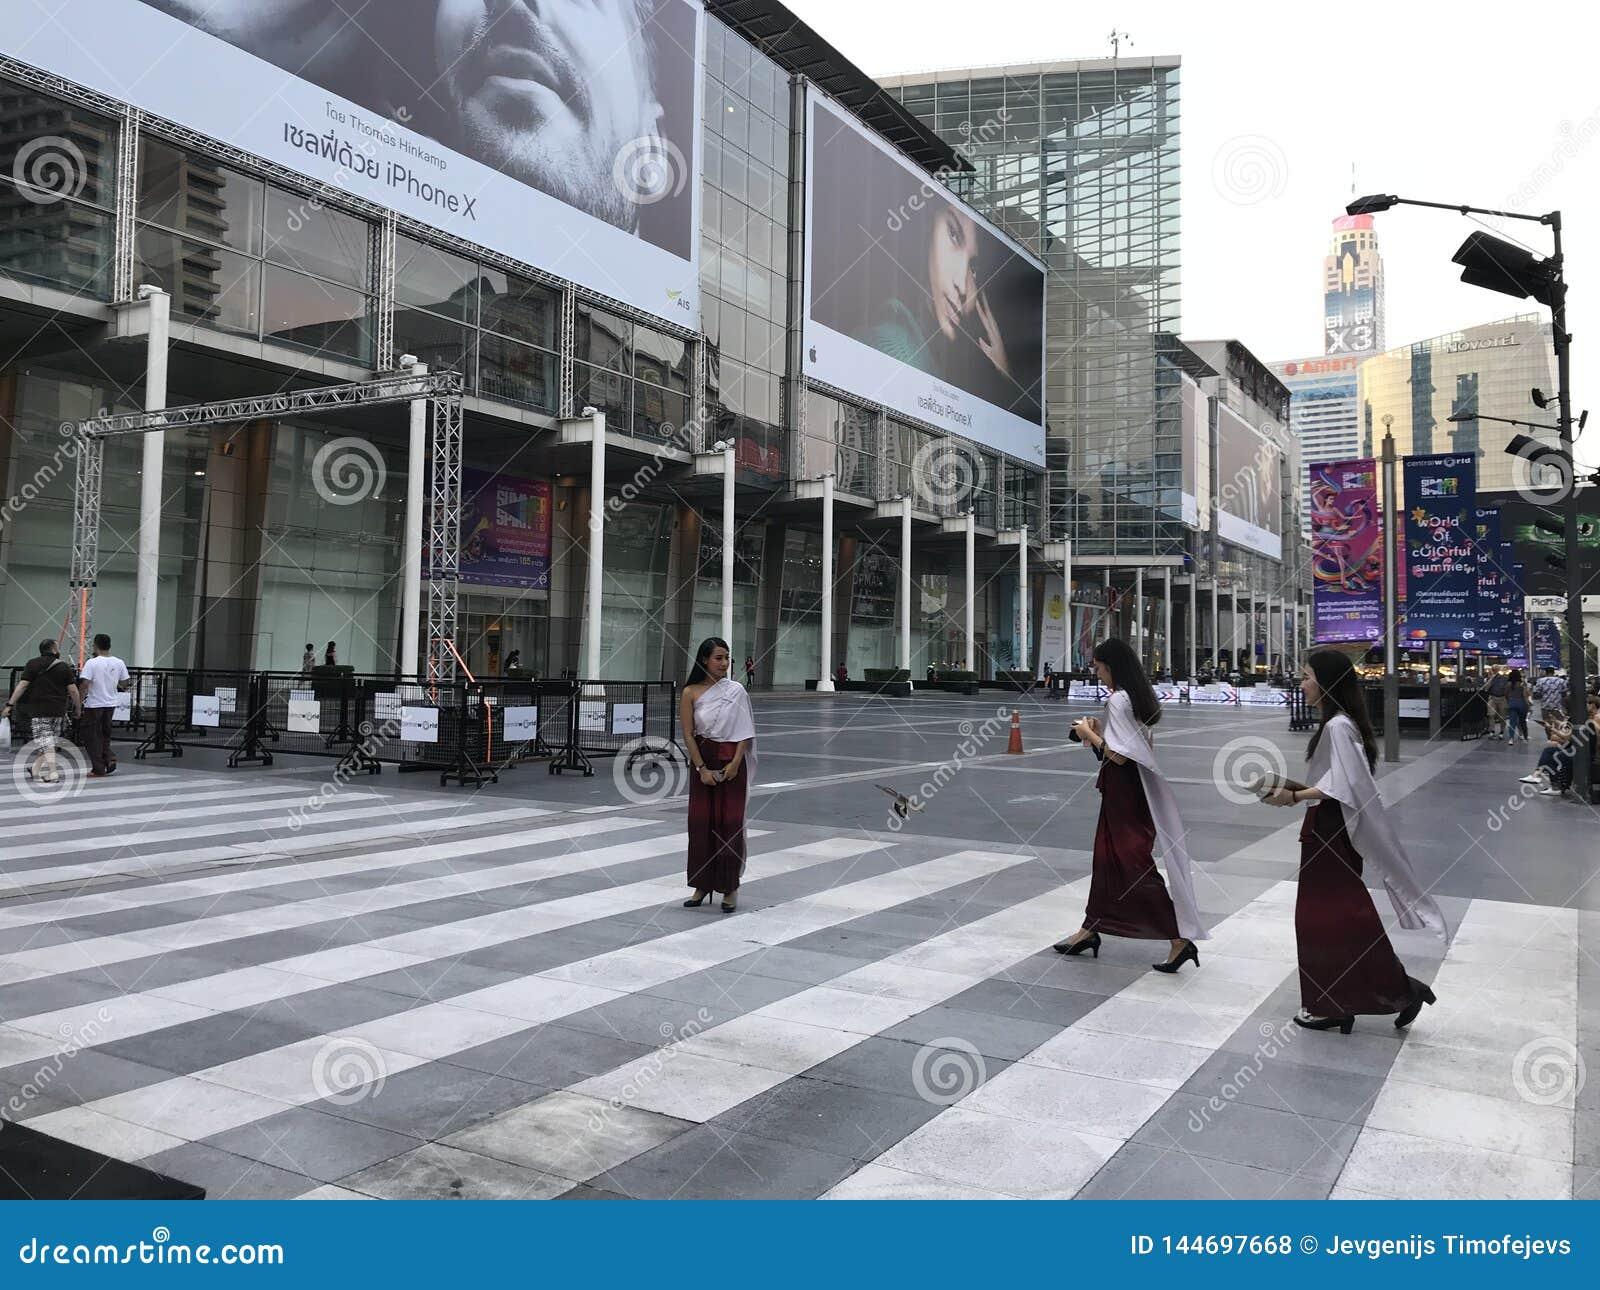 BANGKOK THAILAND - APRIL 16, 2018: Kvinnor i religiösa dräkter med annonsen för iPhone X i bakgrunden